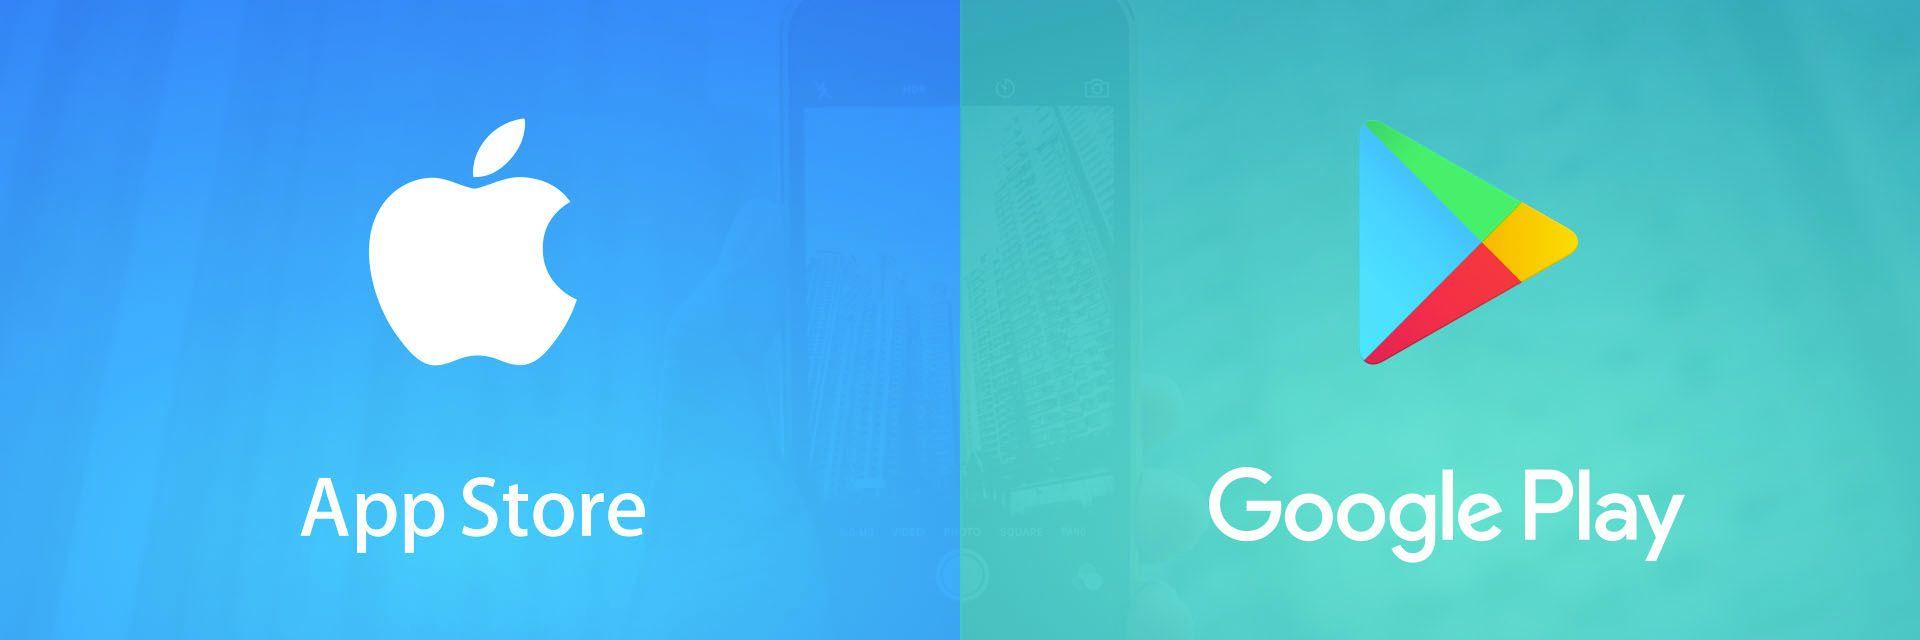 روکیدا | اندروید یا آیفون؟ کدام برای من مناسب تر است؟ | اندروید, اپل